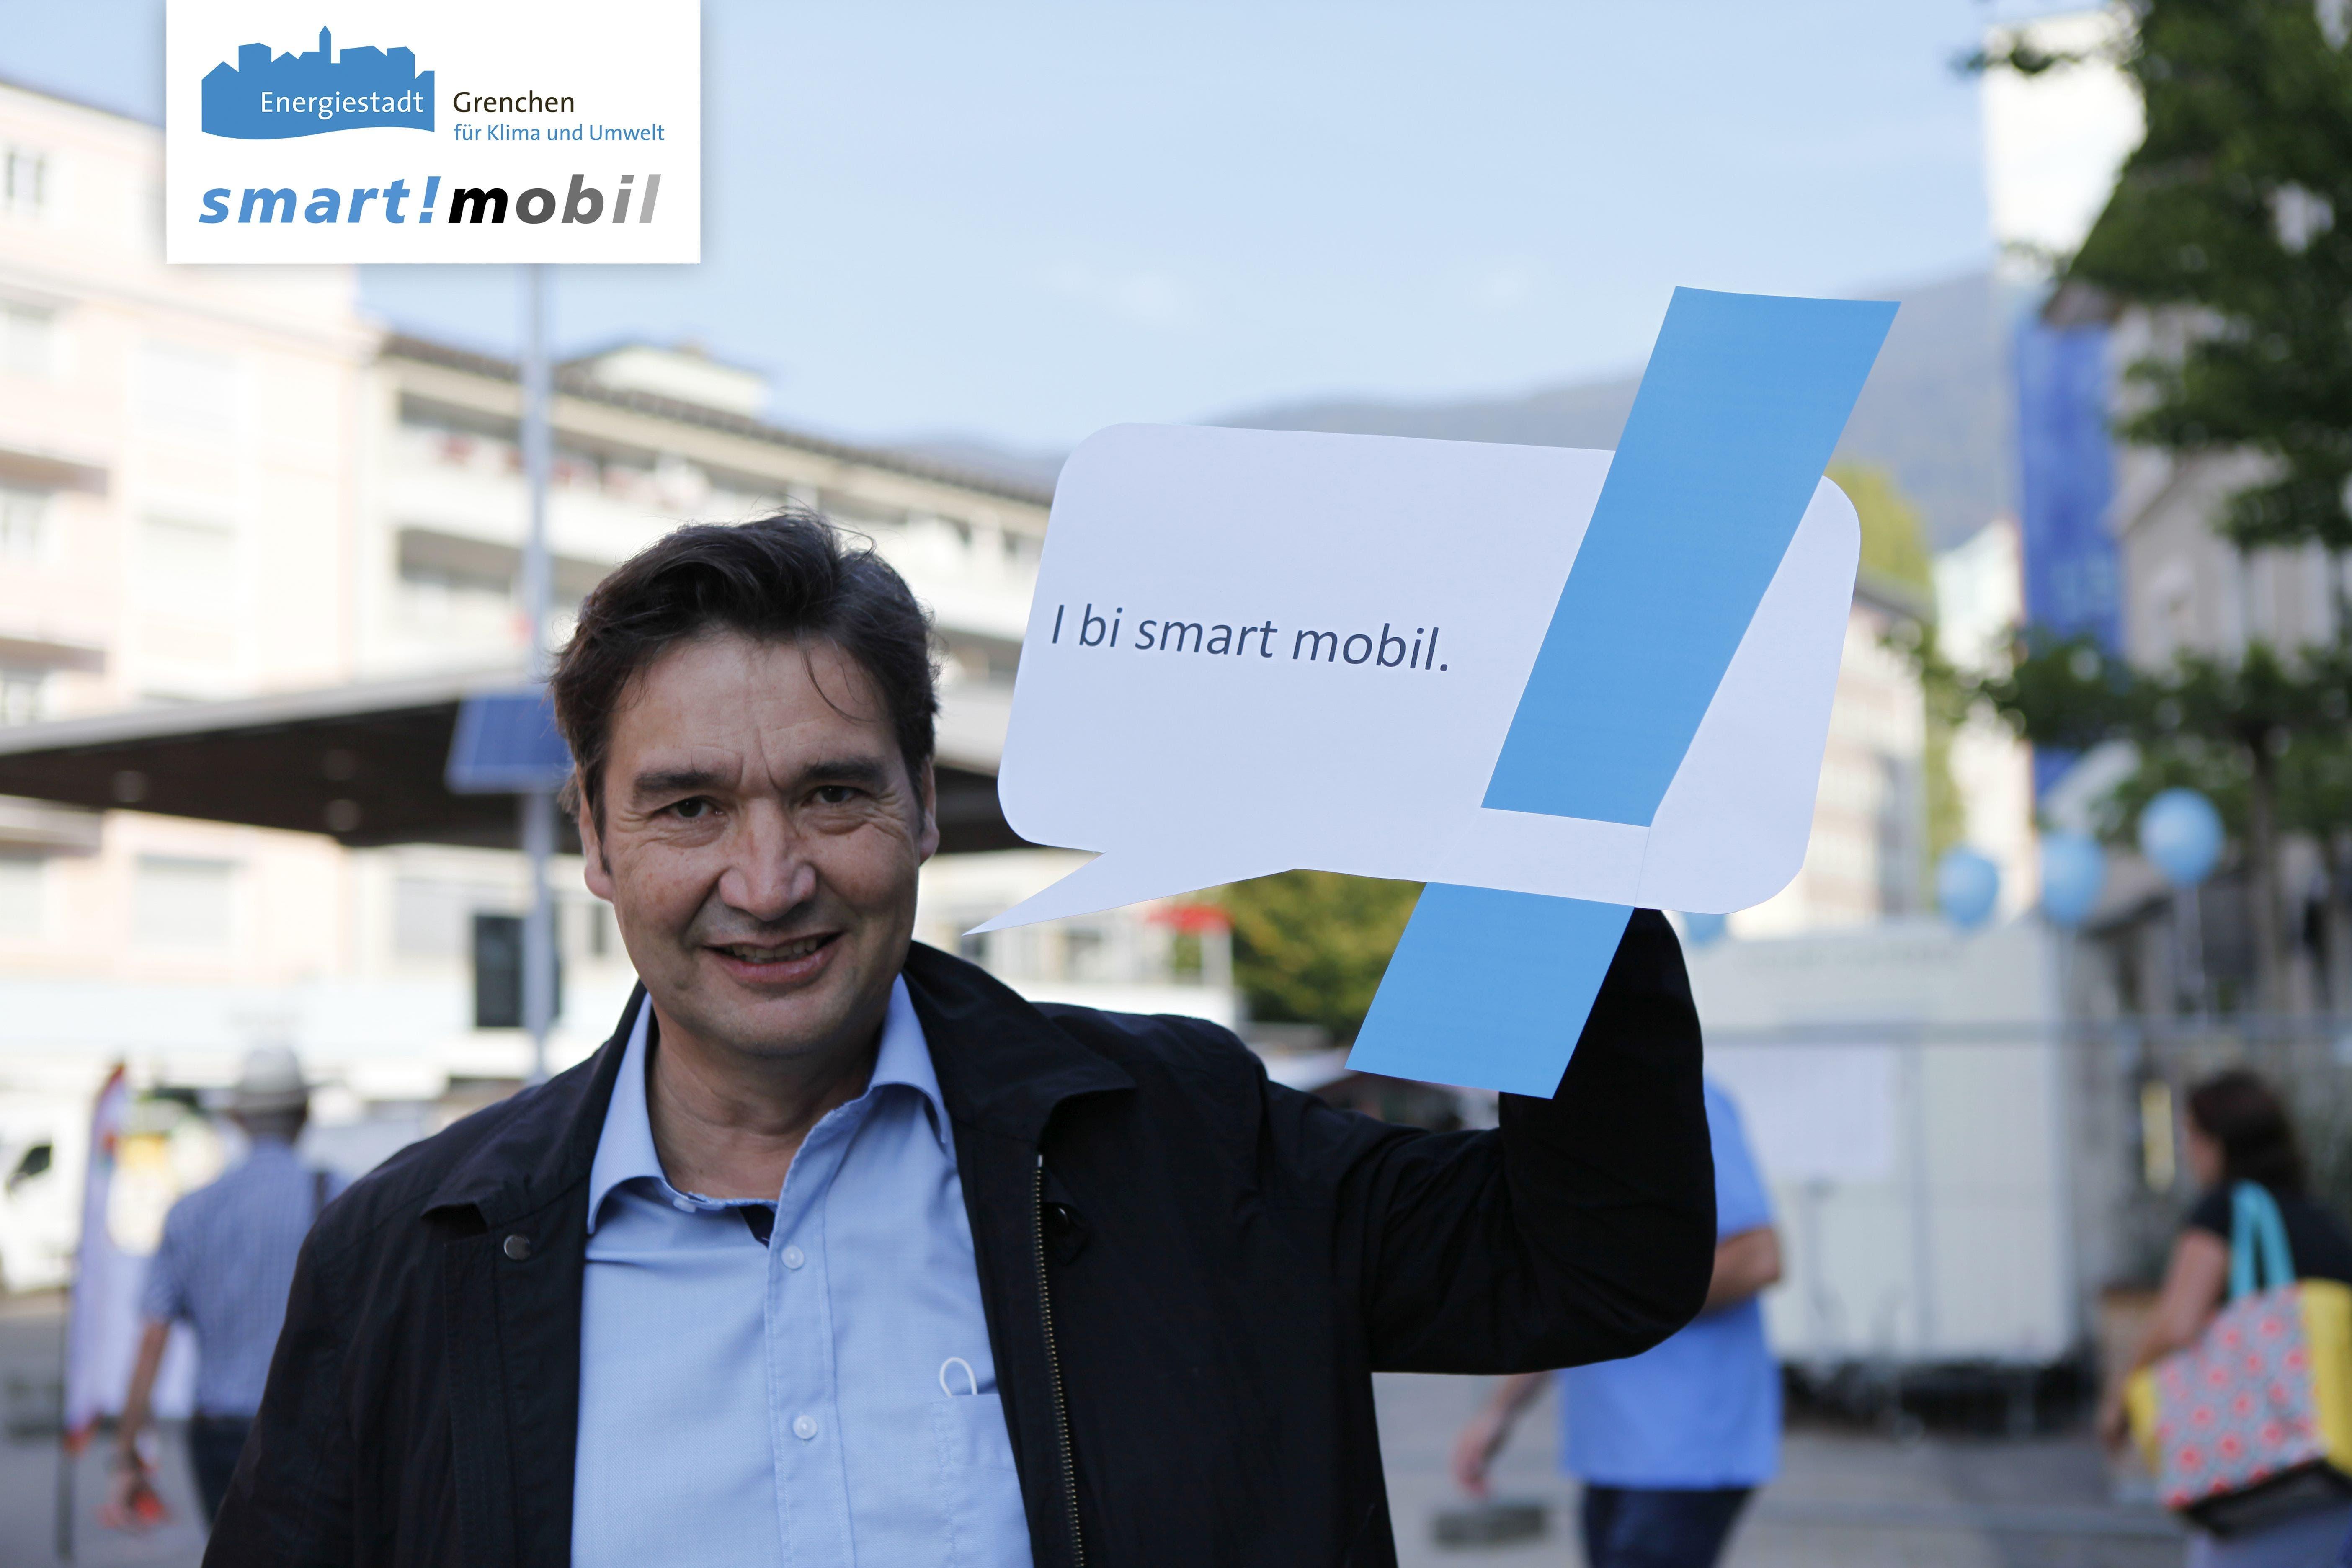 Stadtpräsident François Scheidegger ist smart!mobil Auch Stadtpräsident François Scheidegger und weitere Vertreter und Vertreterinnen der Stadt haben kurz auf dem Zytplatz vorbeigeschaut.